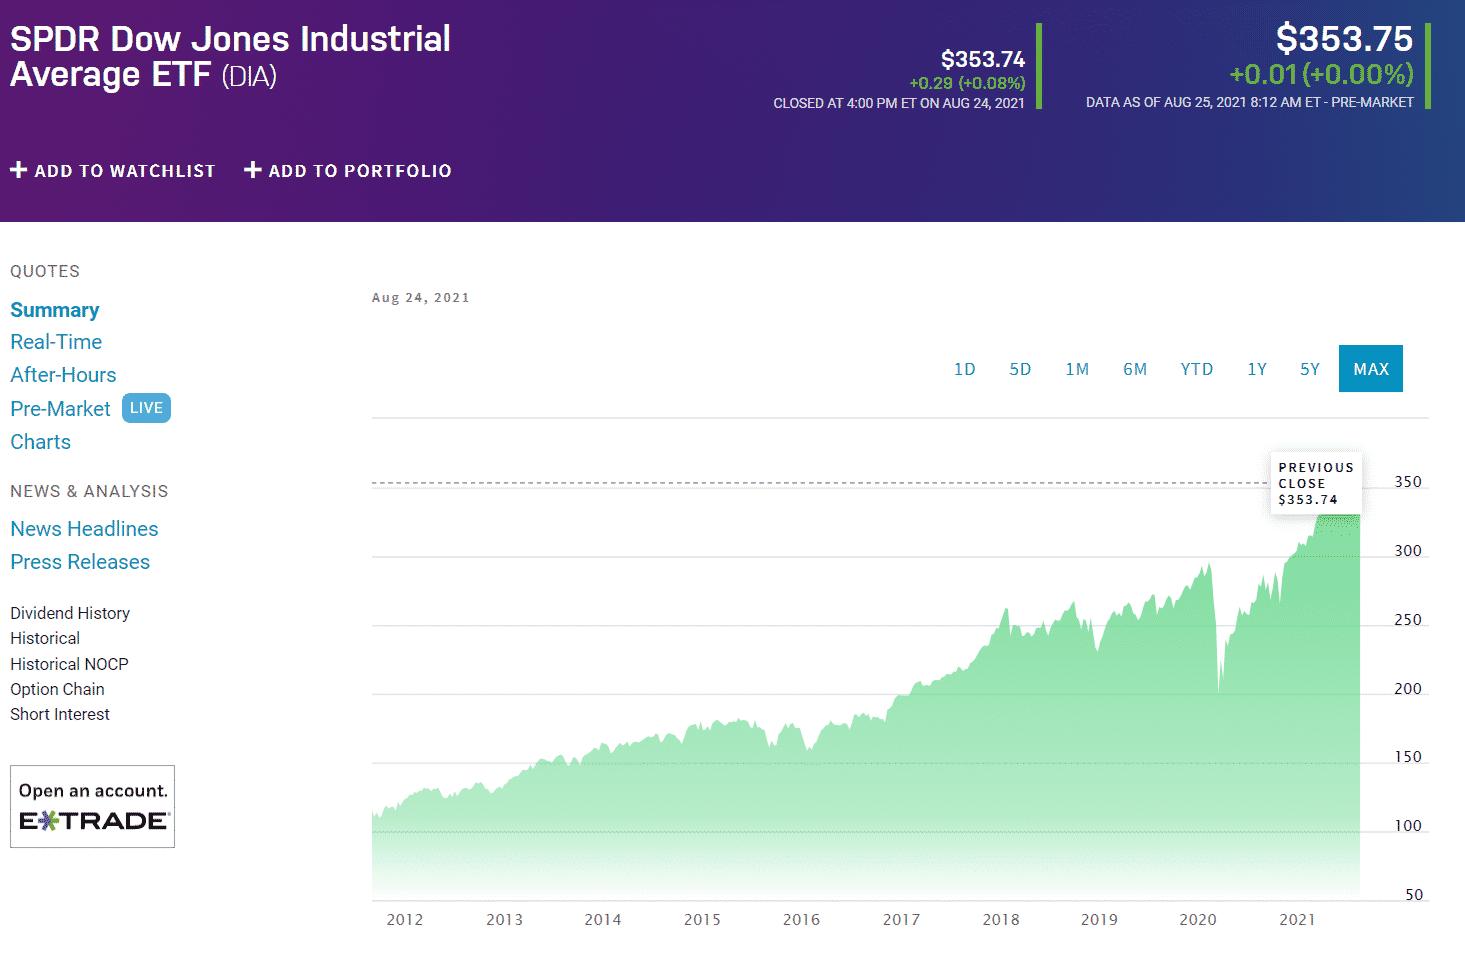 SPDR Dow Jones Industrial Average ETF (DIA) chart